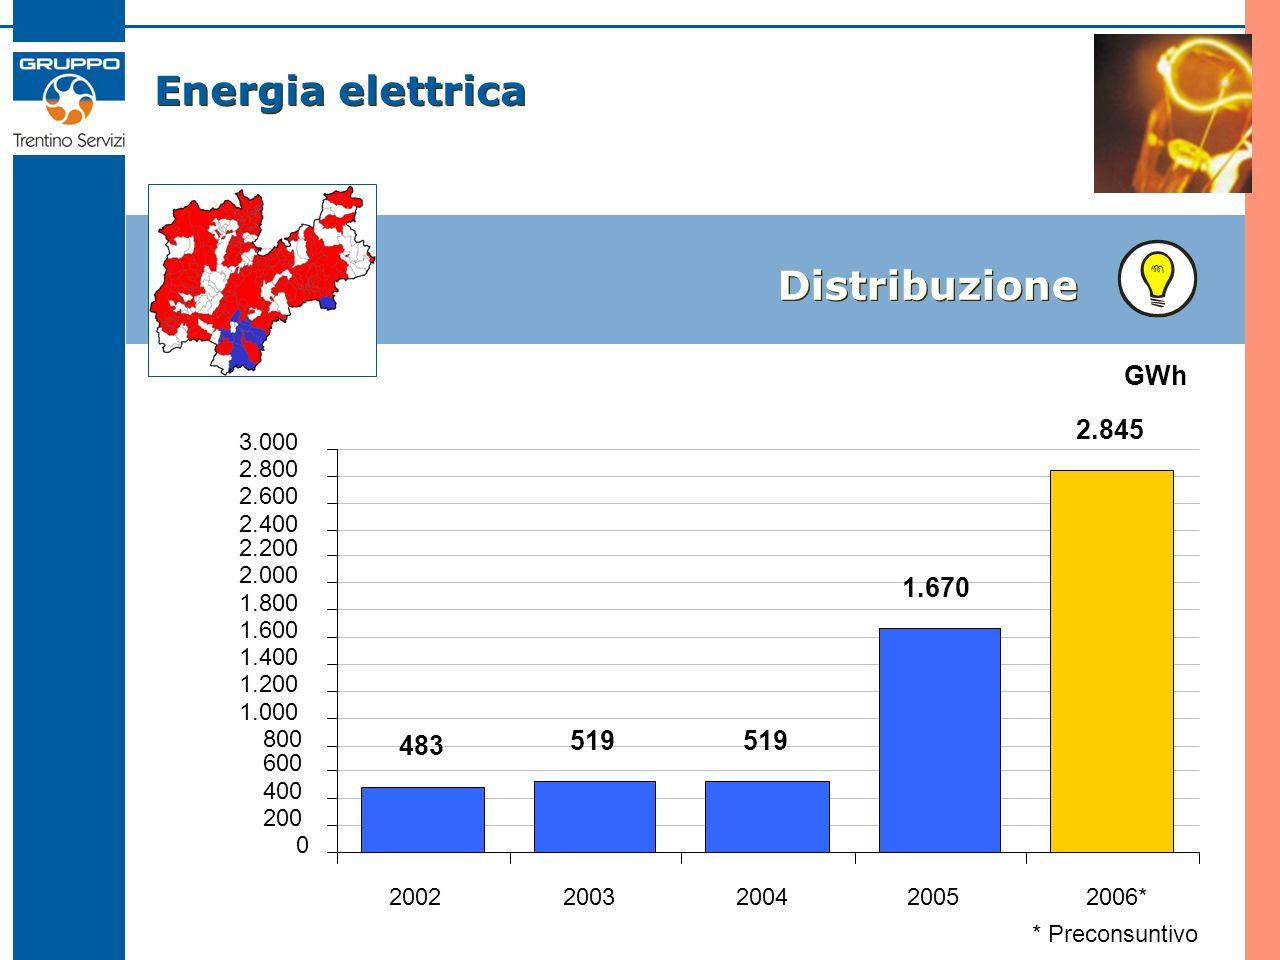 Energia elettrica Distribuzione GWh * Preconsuntivo 483 519 1.670 2.845 0 200 400 600 800 1.000 1.200 1.400 1.600 1.800 2.000 2.200 2.400 2.600 2.800